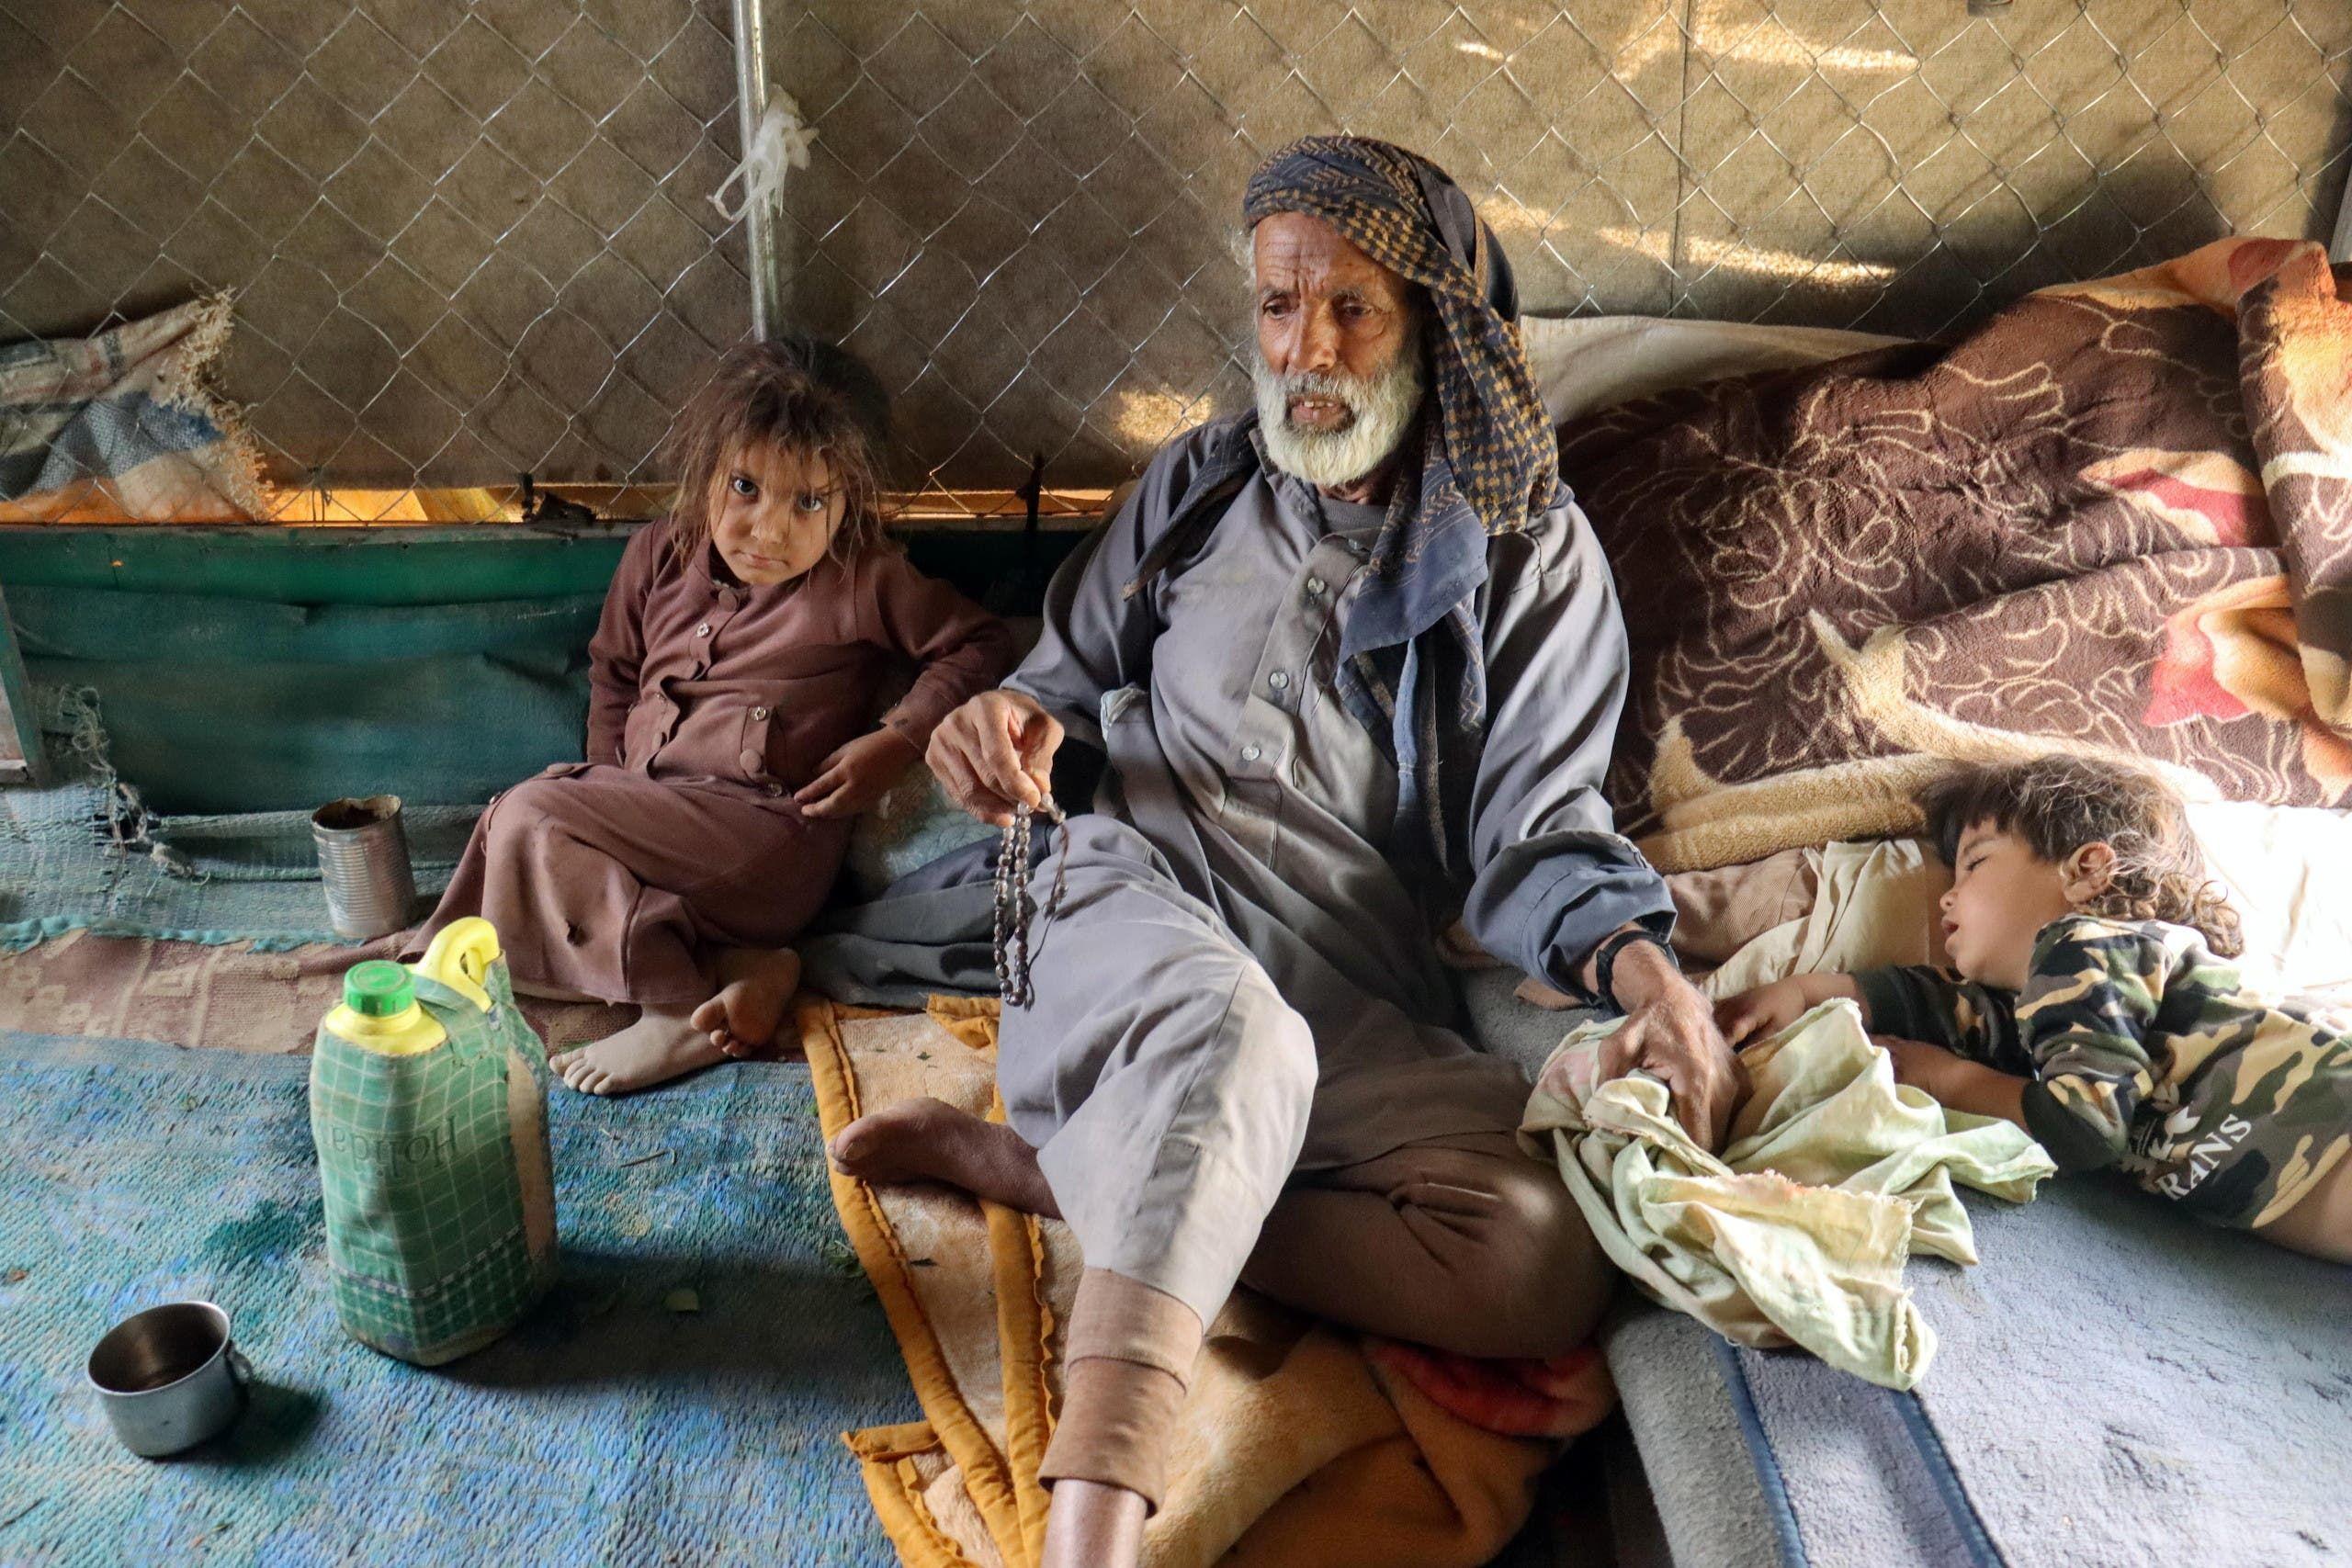 مسن وطفل نازحين في مأرب بسبب الهجوم الحوثي